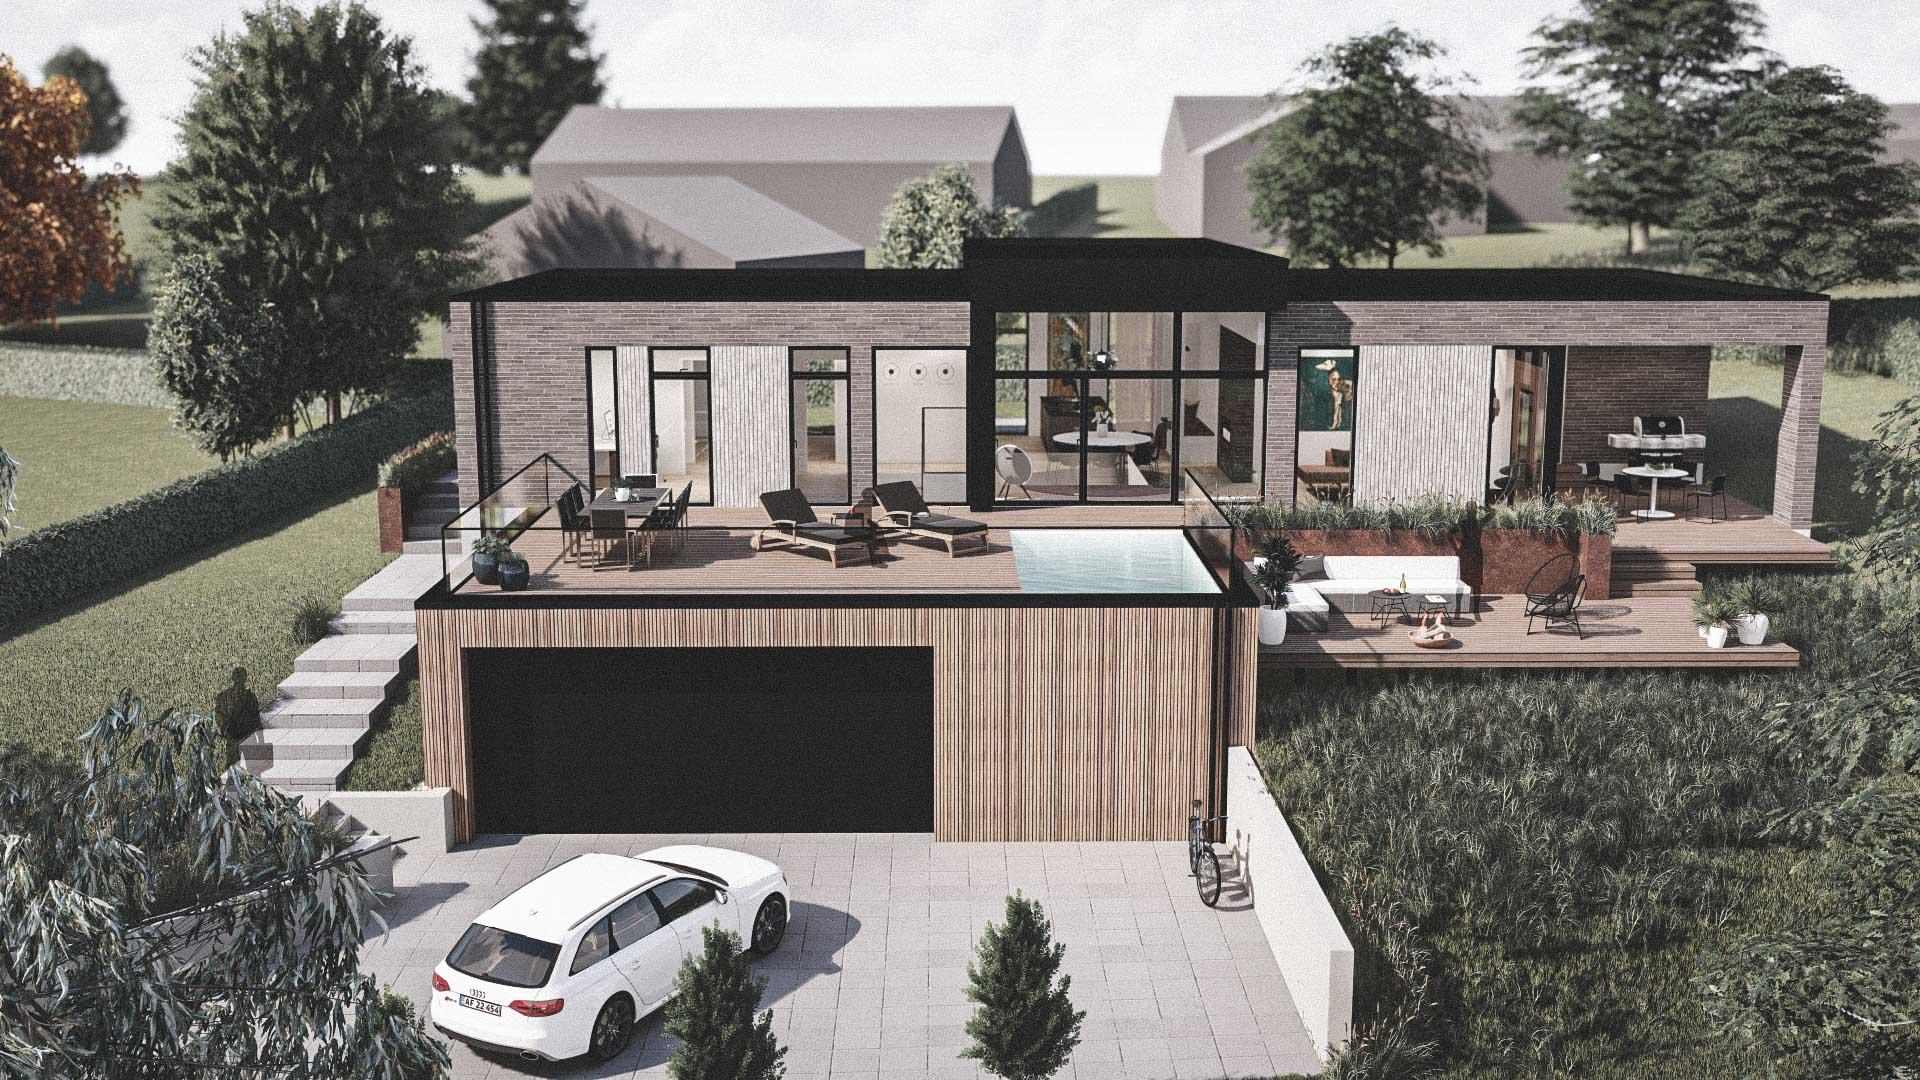 Billede af et arkitekt tegnet projektforslag af ny parterreplan drømme villa i Aalborg, af det danske arkitektfirma m2plus